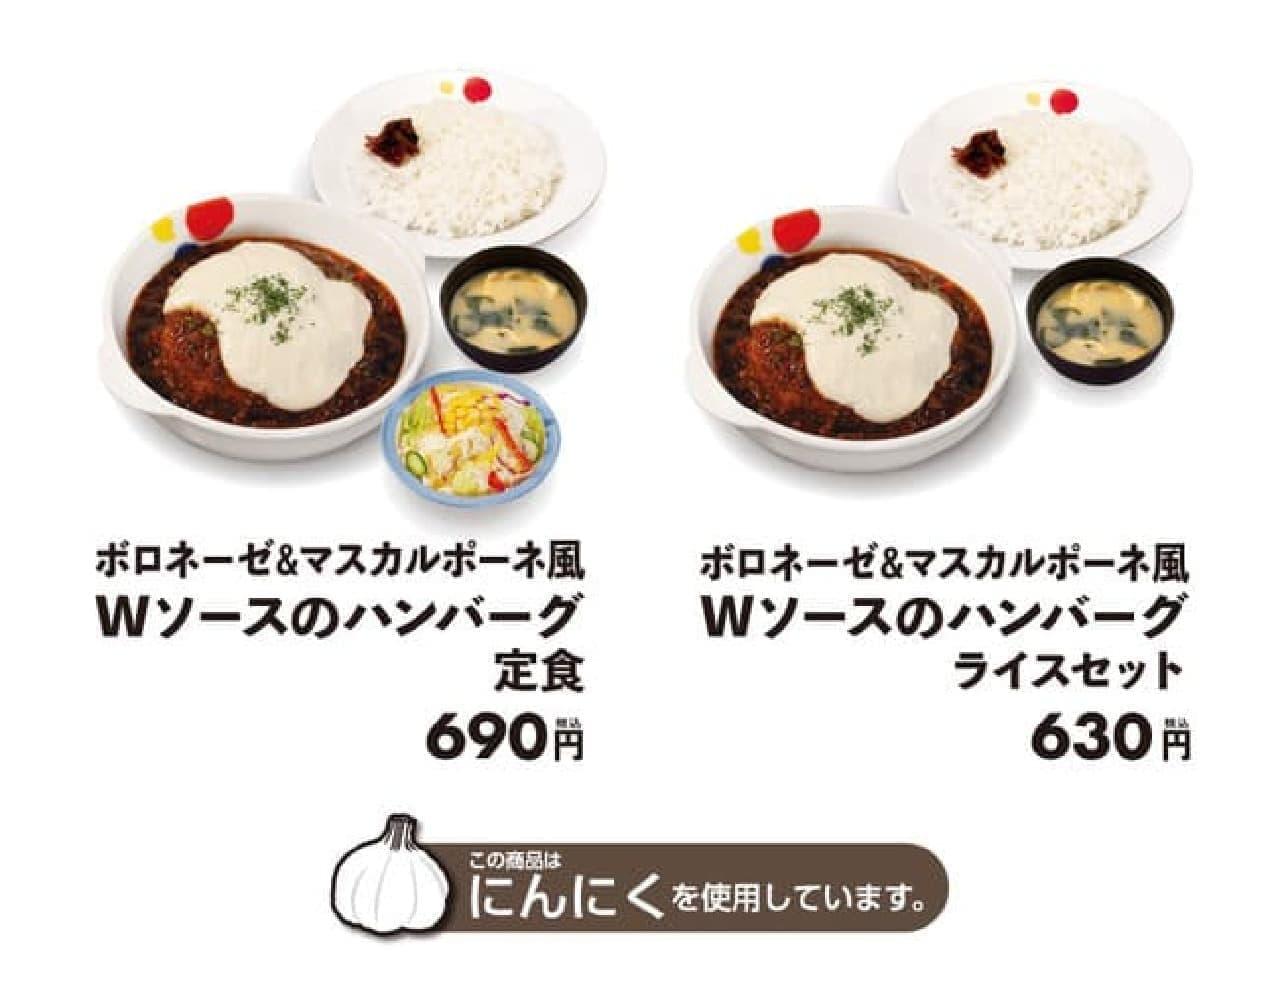 松屋「ボロネーゼ&マスカルポーネ風Wソースハンバーグ定食」